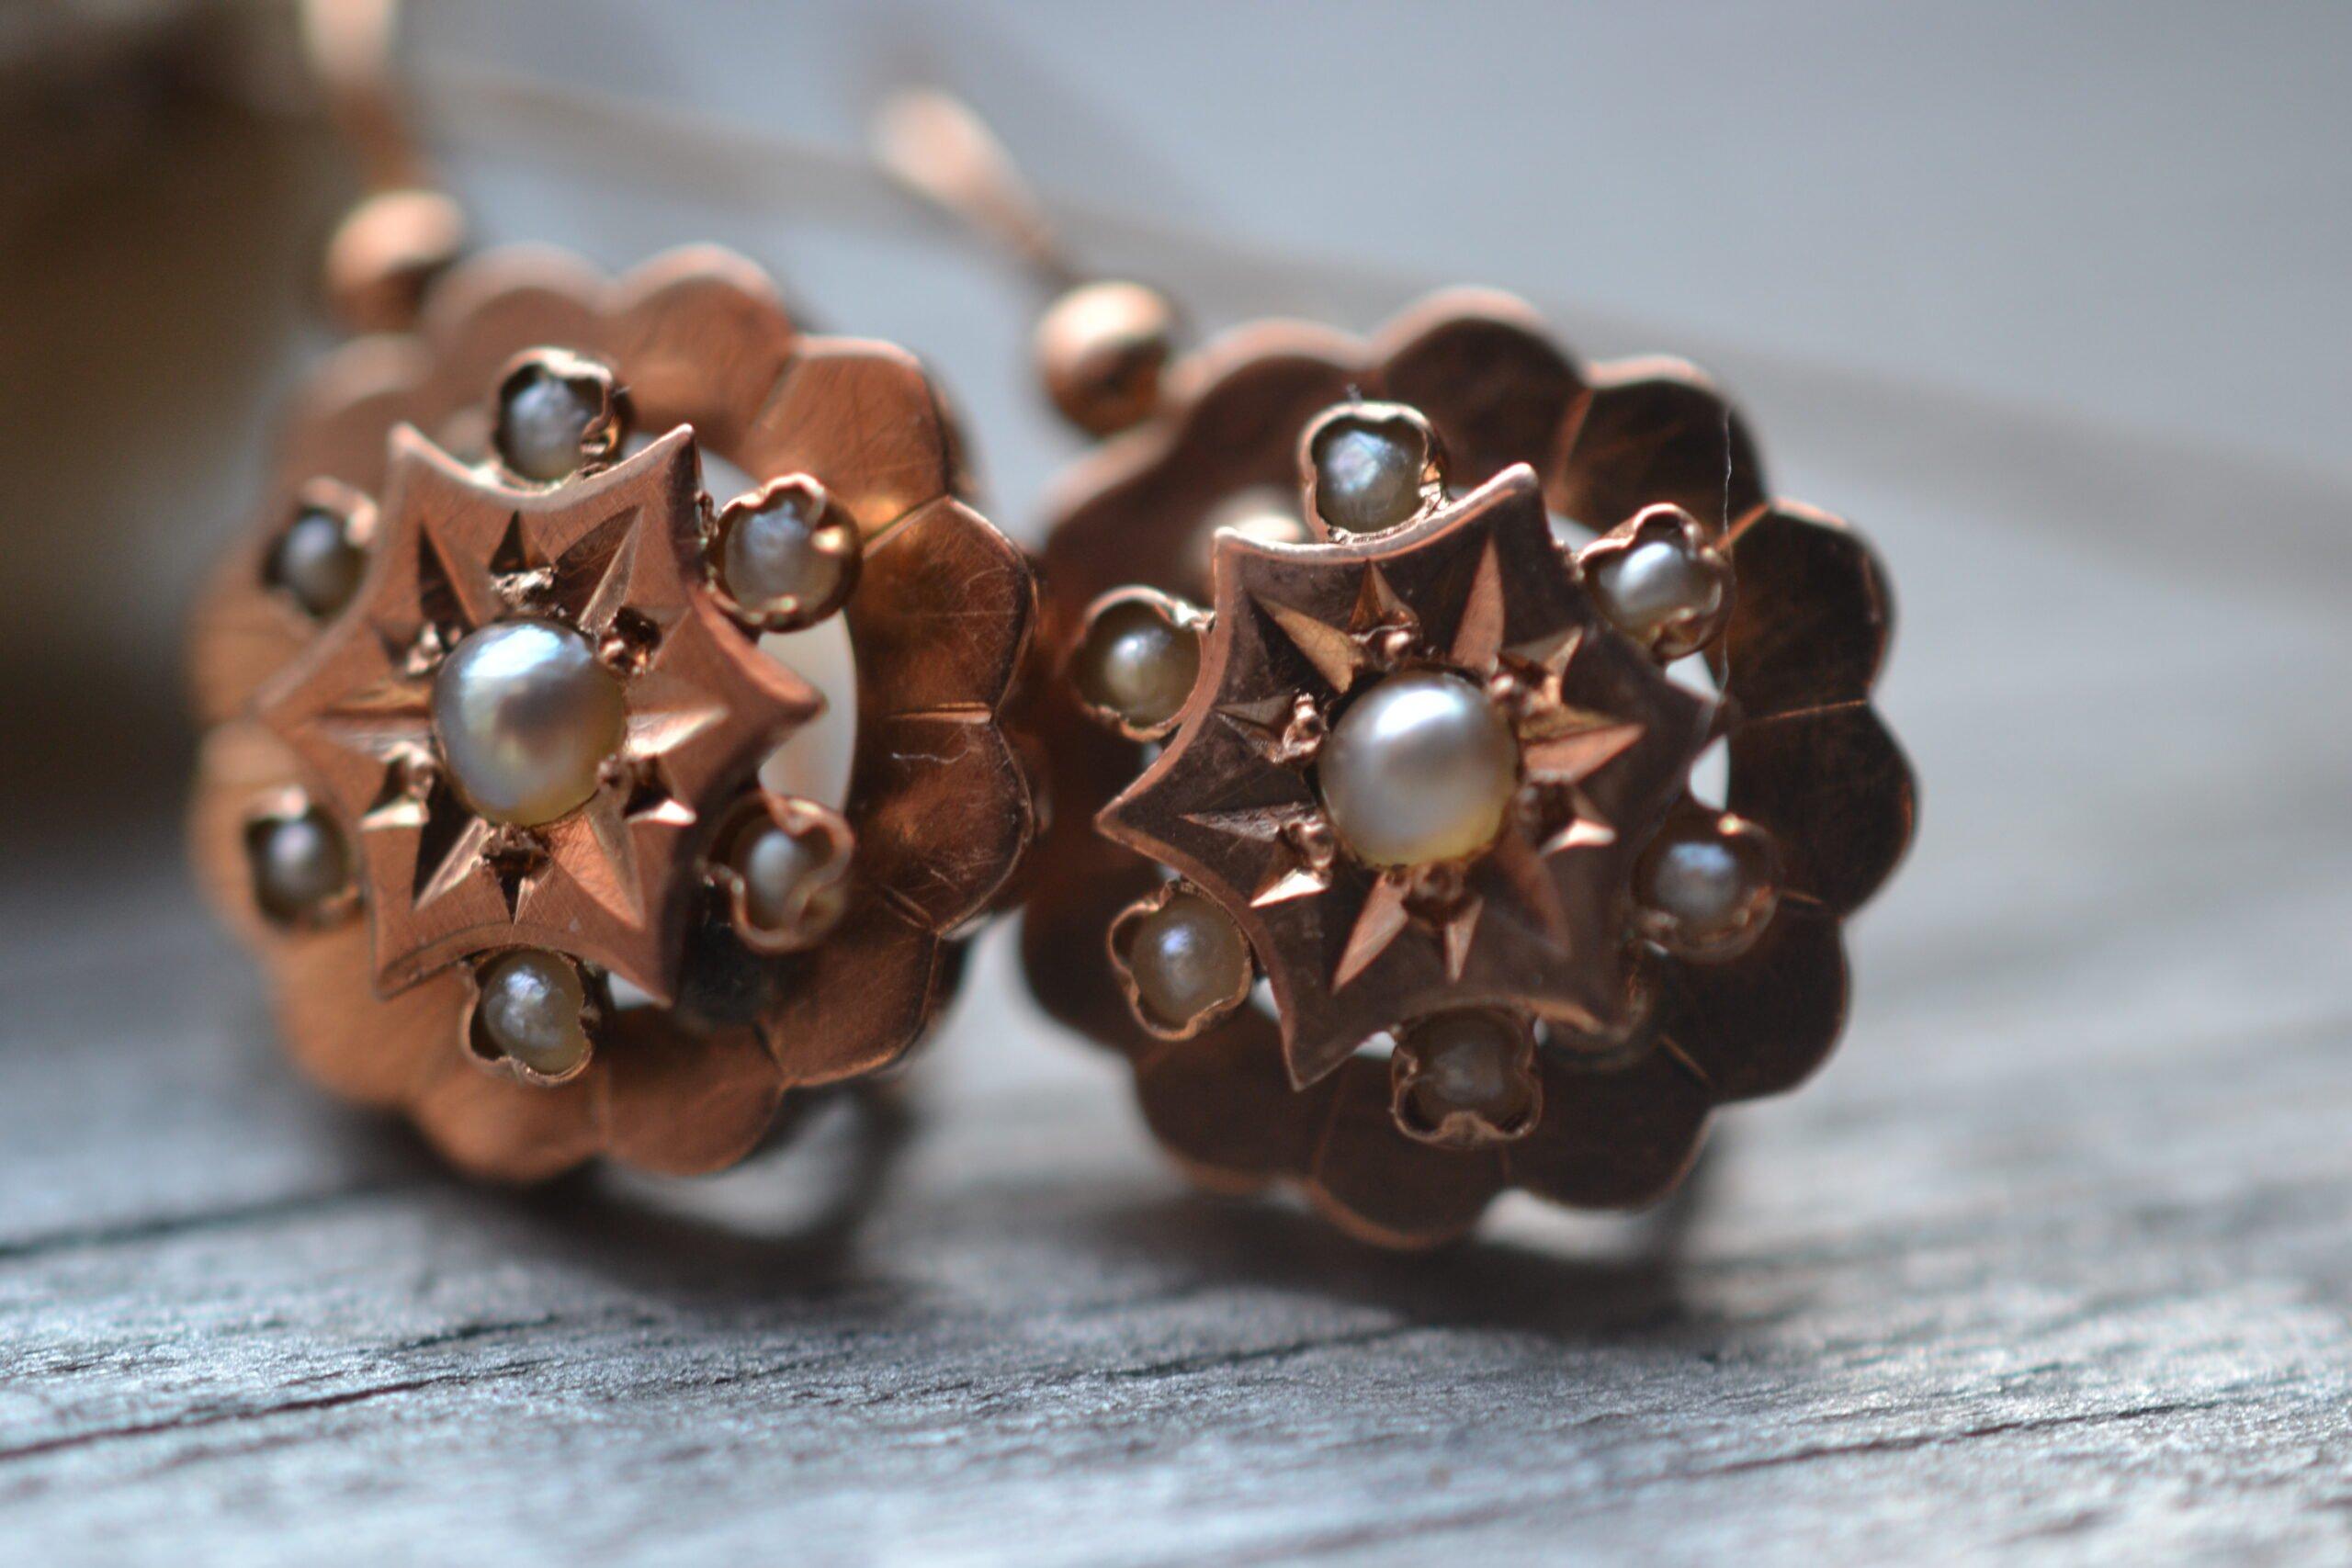 Boucles d'oreilles occasion en or jaune 18 carats (750/1000), ornée chacune de 7 semences de perles